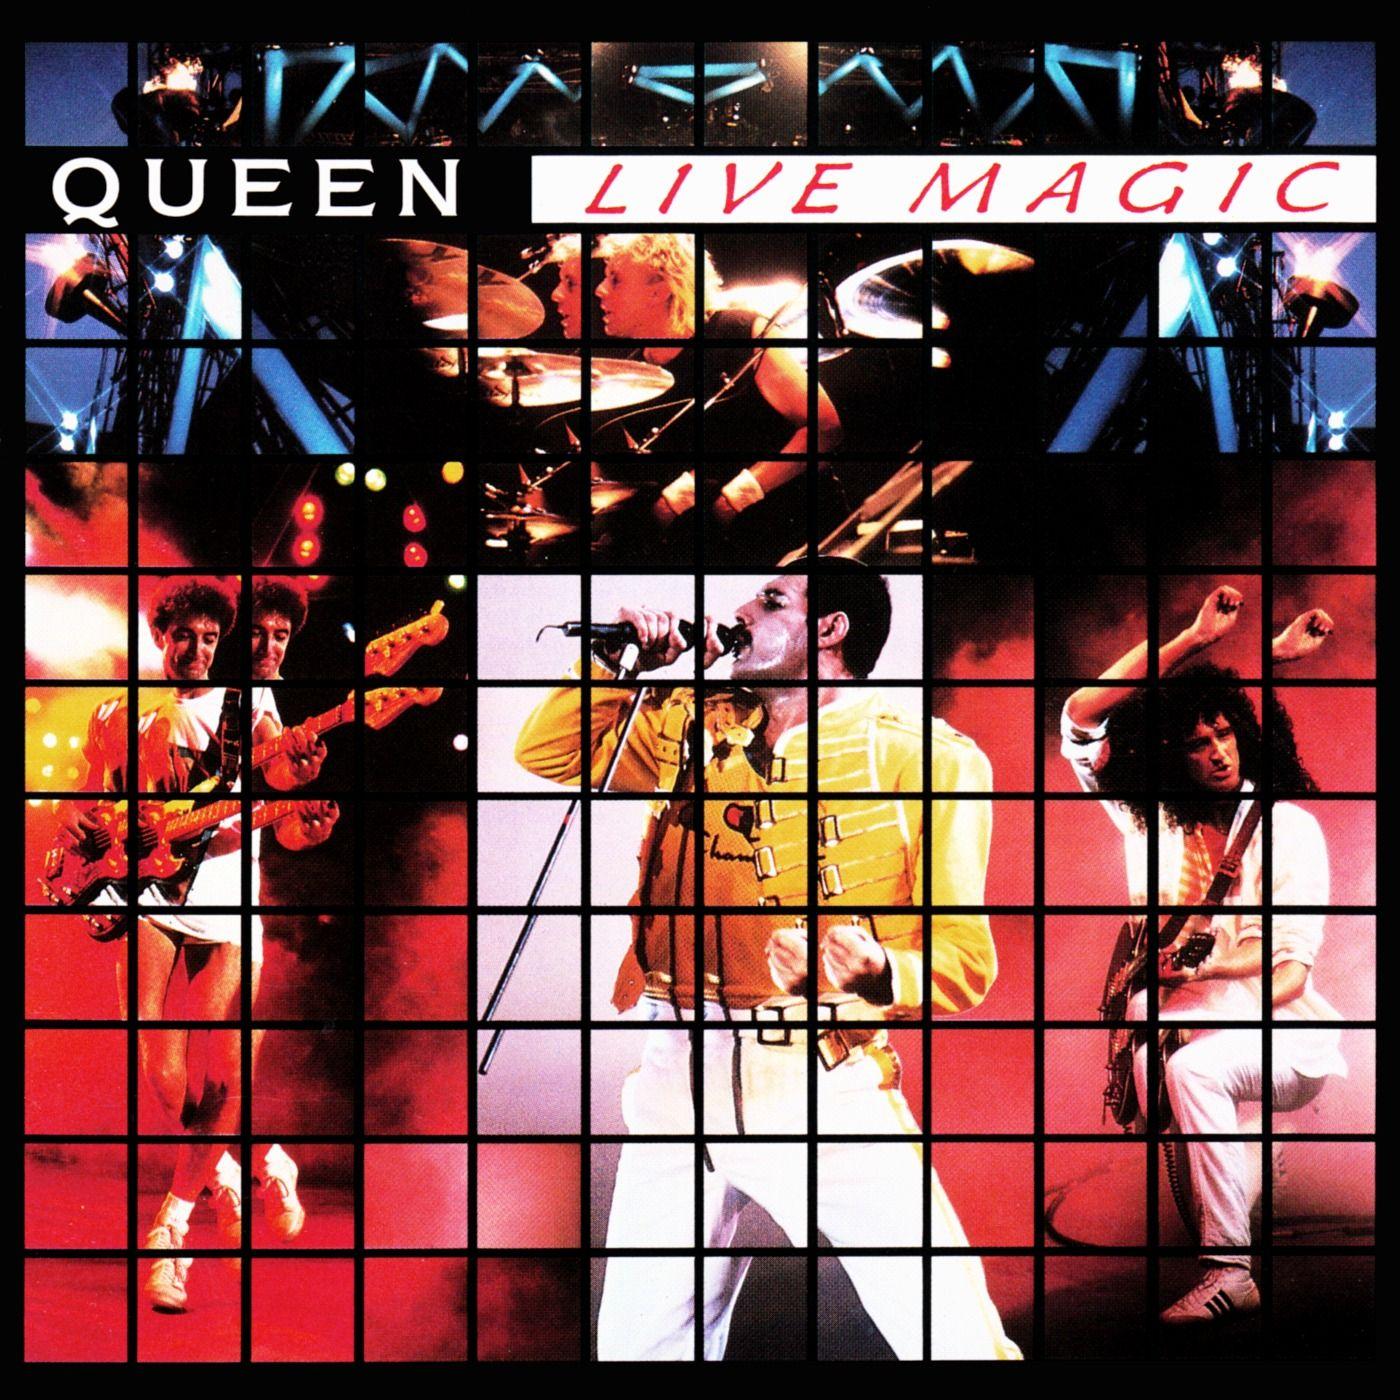 Queen - Live Magic album cover